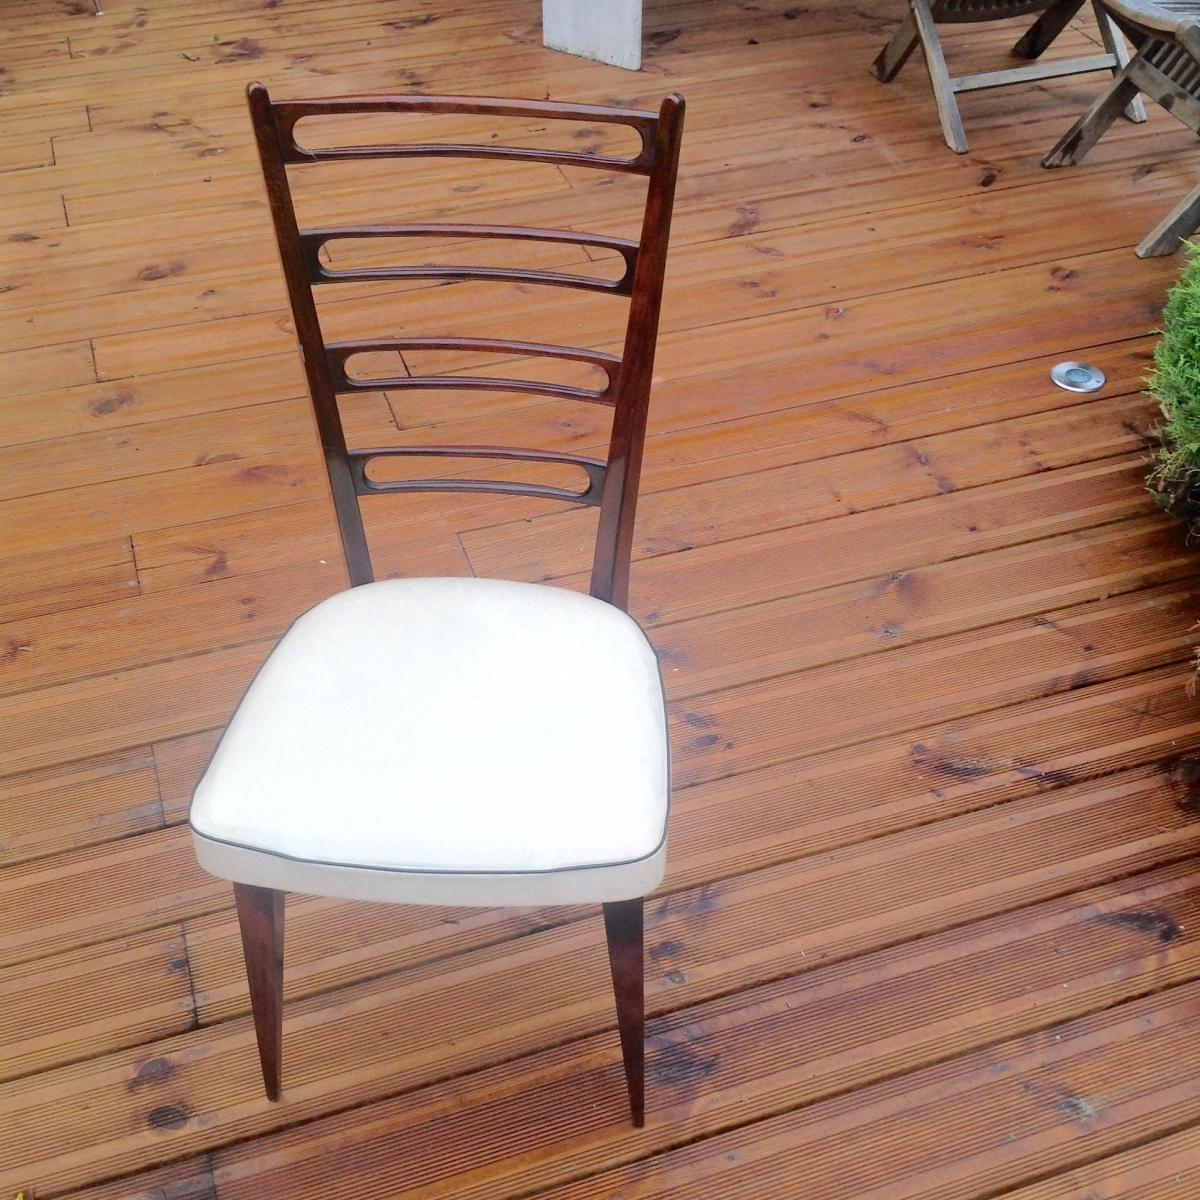 Chaise vintage pas cher blanche et bois luckyfind - Chaise retro pas cher ...